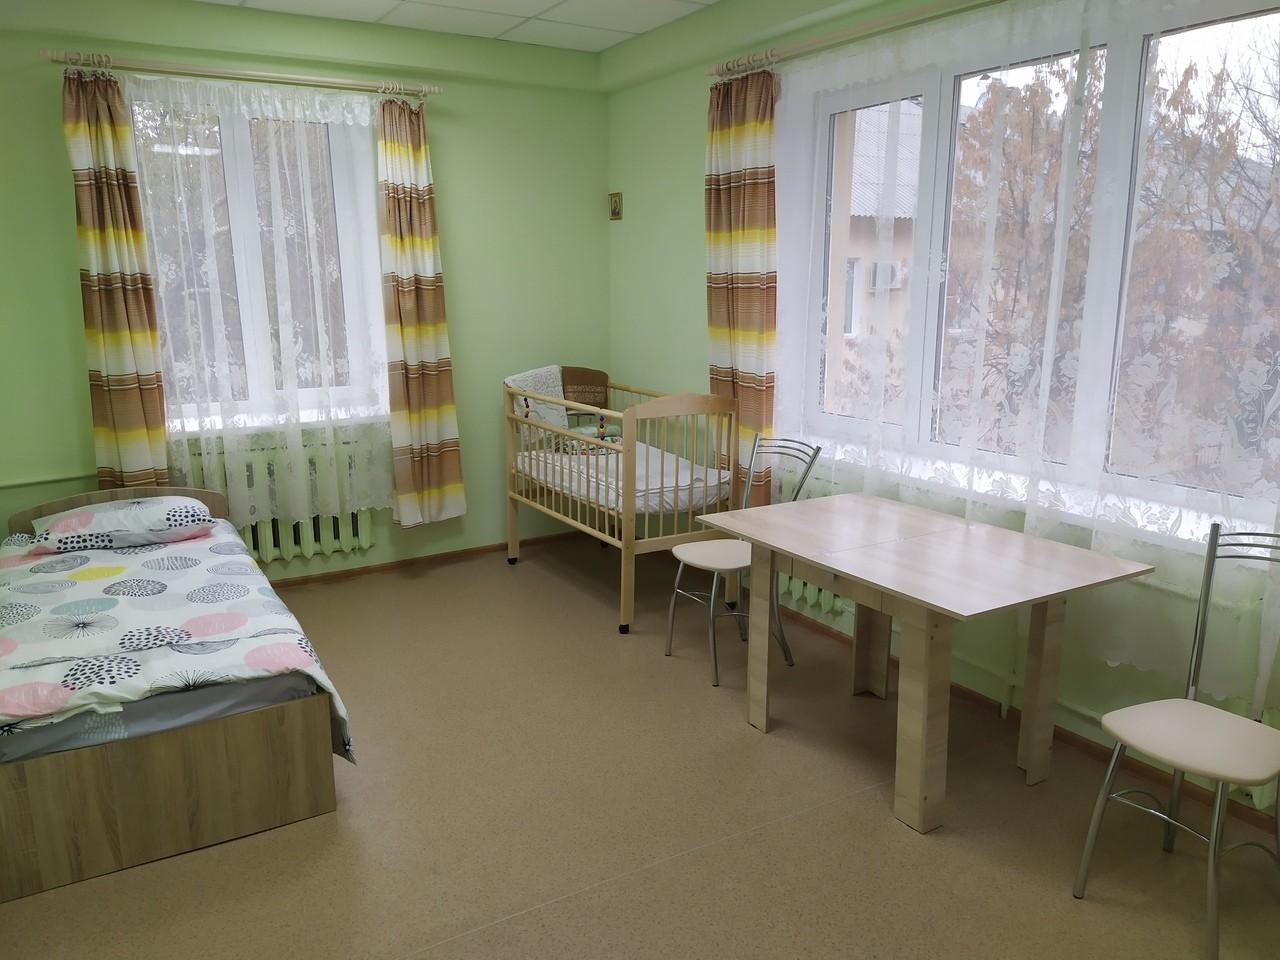 Приют для беременных женщин может появиться в Оренбурге